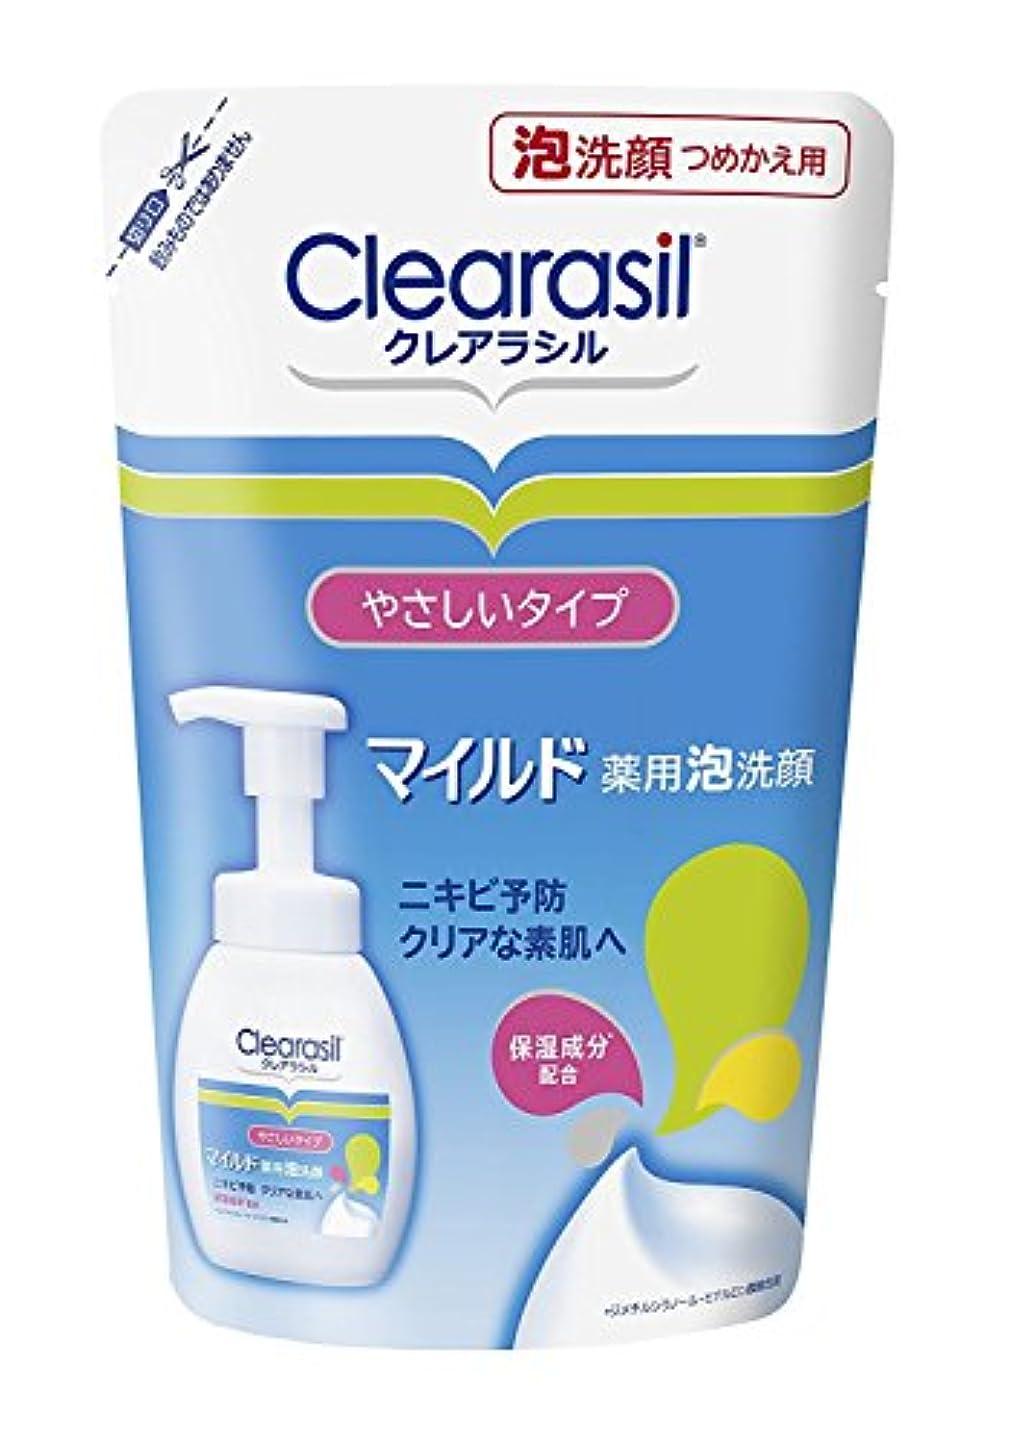 意識知覚的乱用【clearasil】クレアラシル 薬用泡洗顔フォーム(マイルドタイプ) つめかえ用 (180ml) ×20個セット